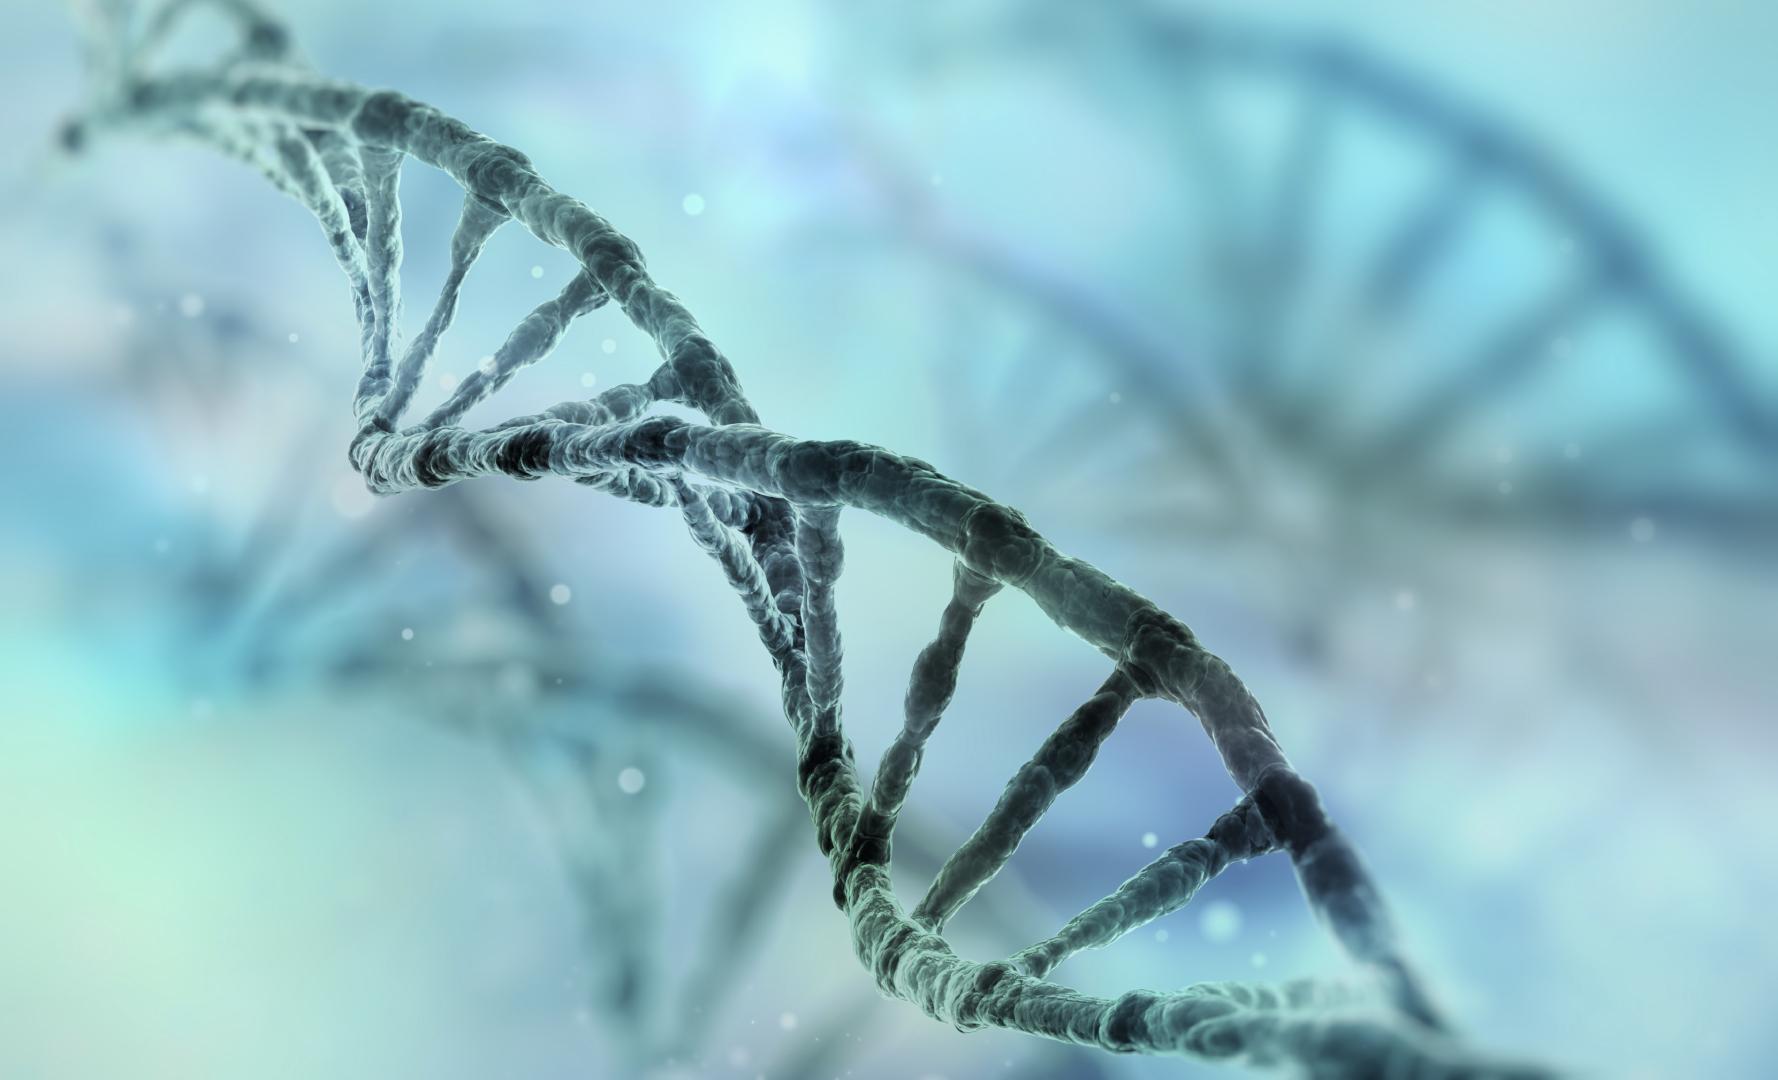 FDA asks for more data on Sarepta's muscular dystrophy drug